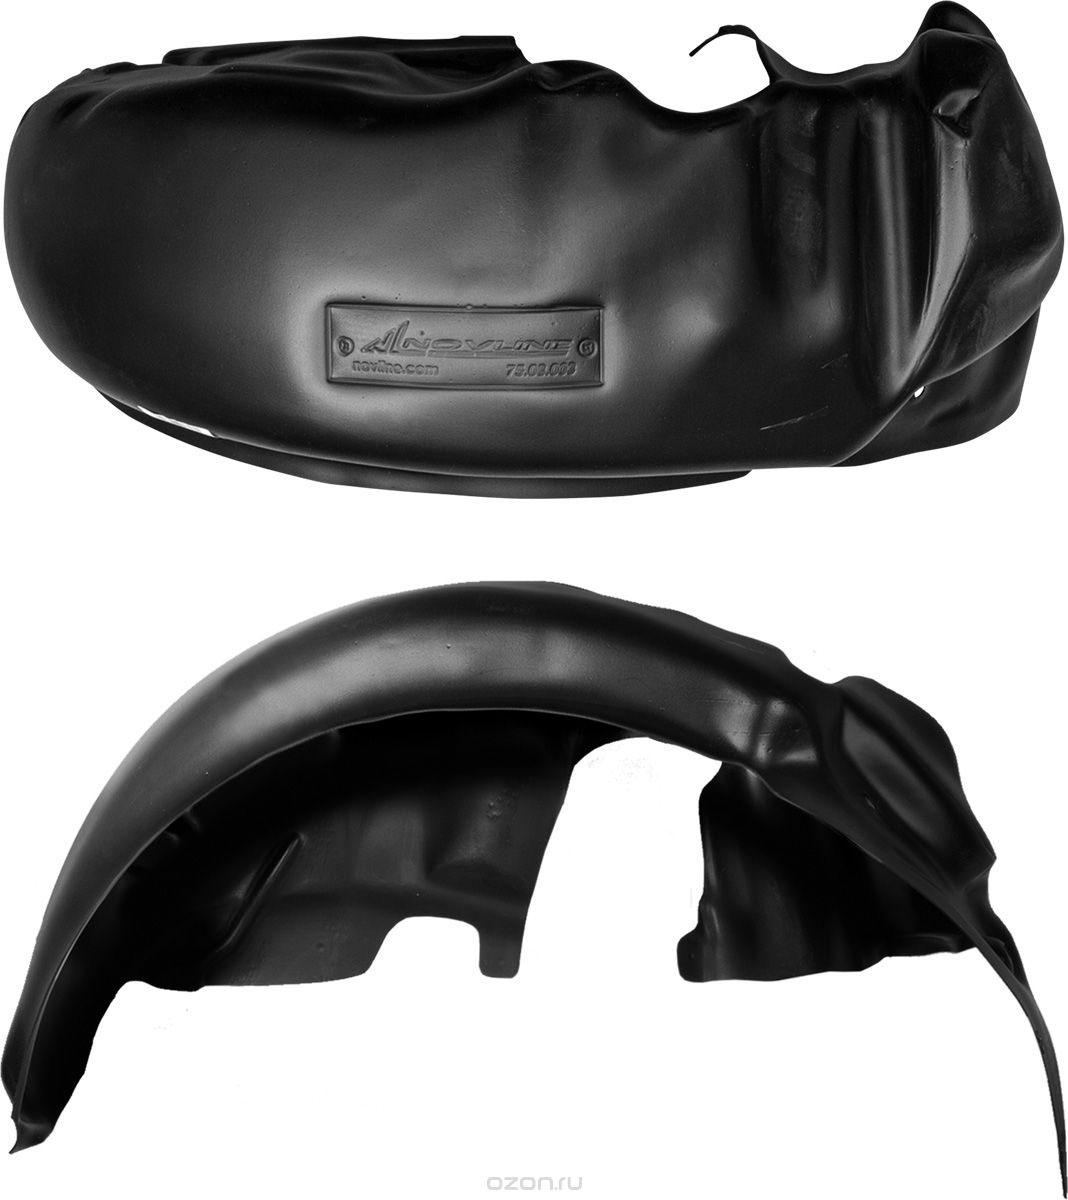 Подкрылок Novline-Autofamily, для Lifan Smily, 2014->, задний правыйNLL.73.07.004Идеальная защита колесной ниши. Локеры разработаны с применением цифровых технологий, гарантируют максимальную повторяемость поверхности арки. Изделия устанавливаются без нарушения лакокрасочного покрытия автомобиля, каждый подкрылок комплектуется крепежом. Уважаемые клиенты, обращаем ваше внимание, что фотографии на подкрылки универсальные и не отражают реальную форму изделия. При этом само изделие идет точно под размер указанного автомобиля.